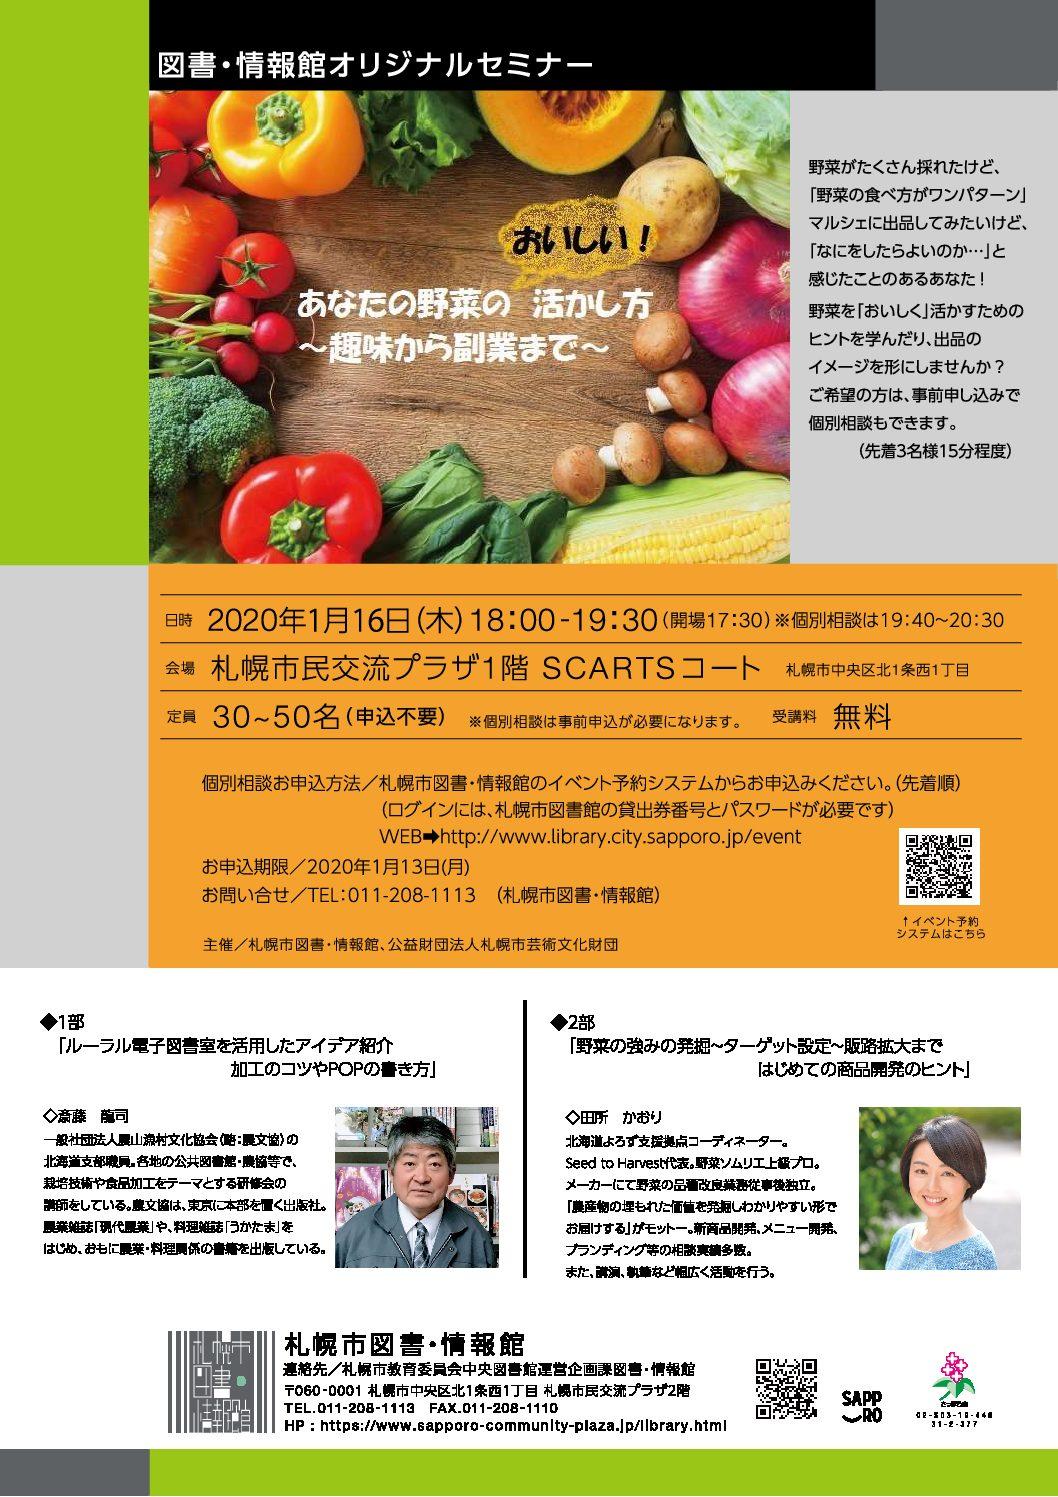 セミナーのお知らせ/ 札幌市図書・情報館「野菜のおいしい活かし方」2020/1/16